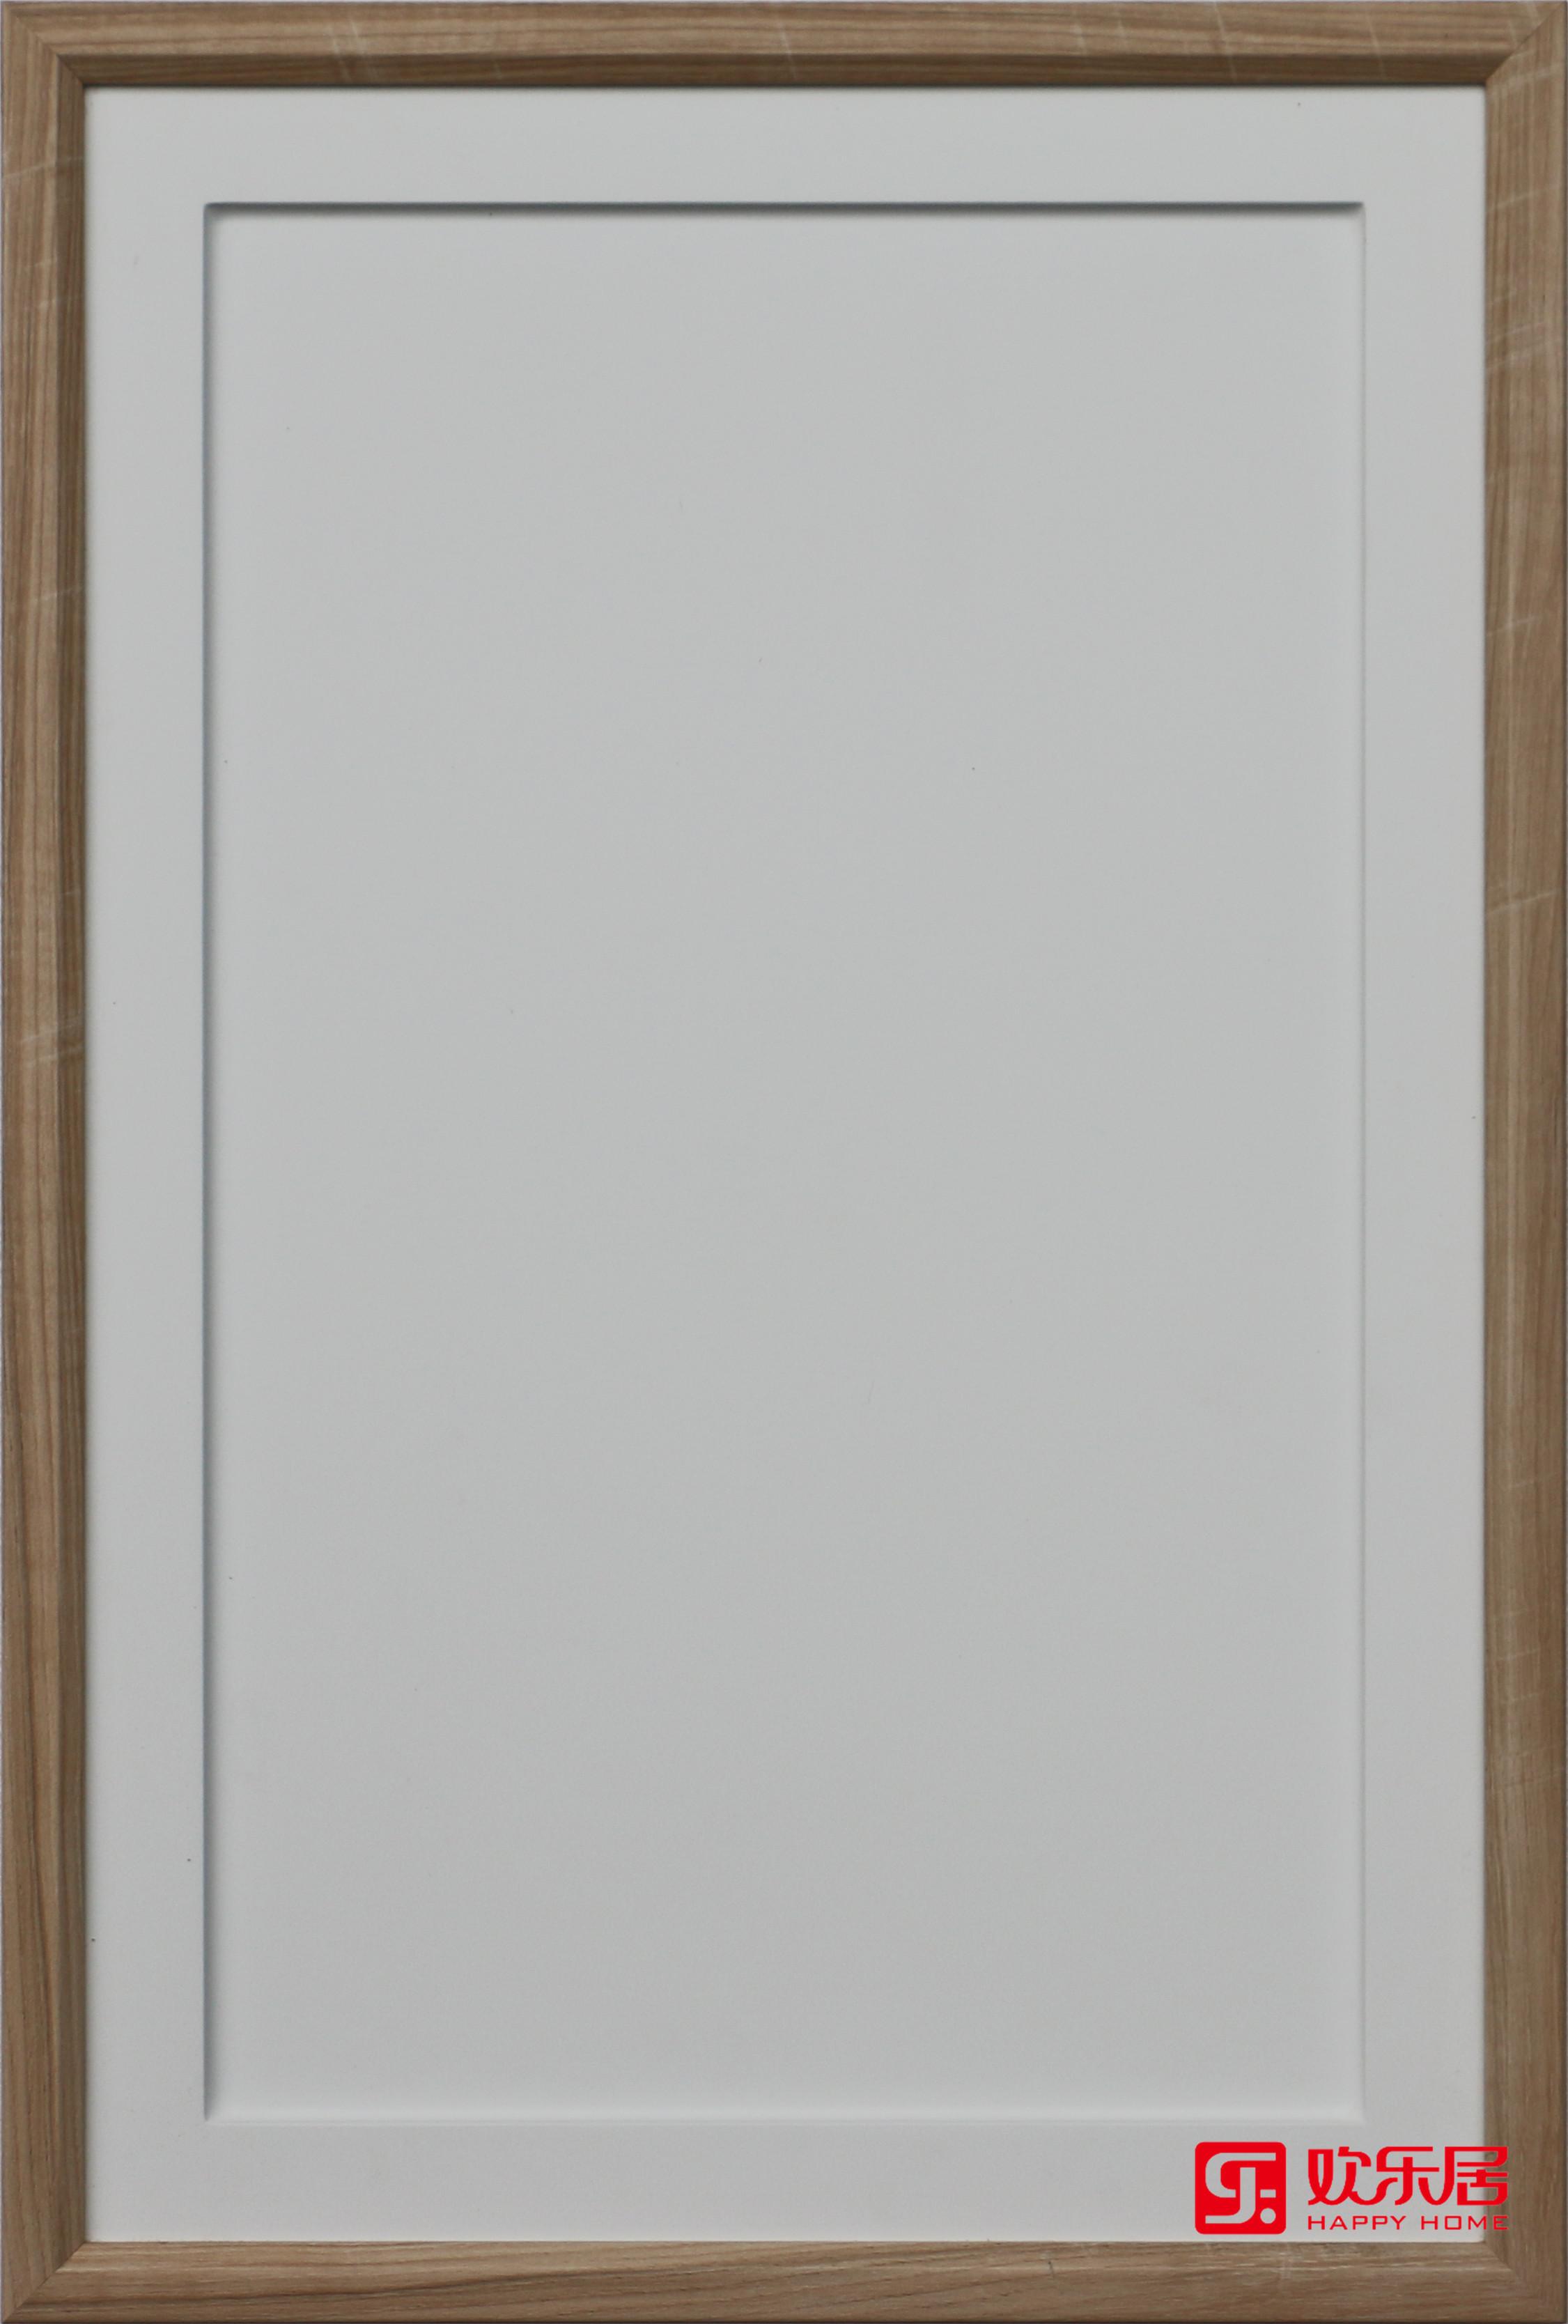 欢乐居整体家居定制材料:HJ-211720B-博堤白